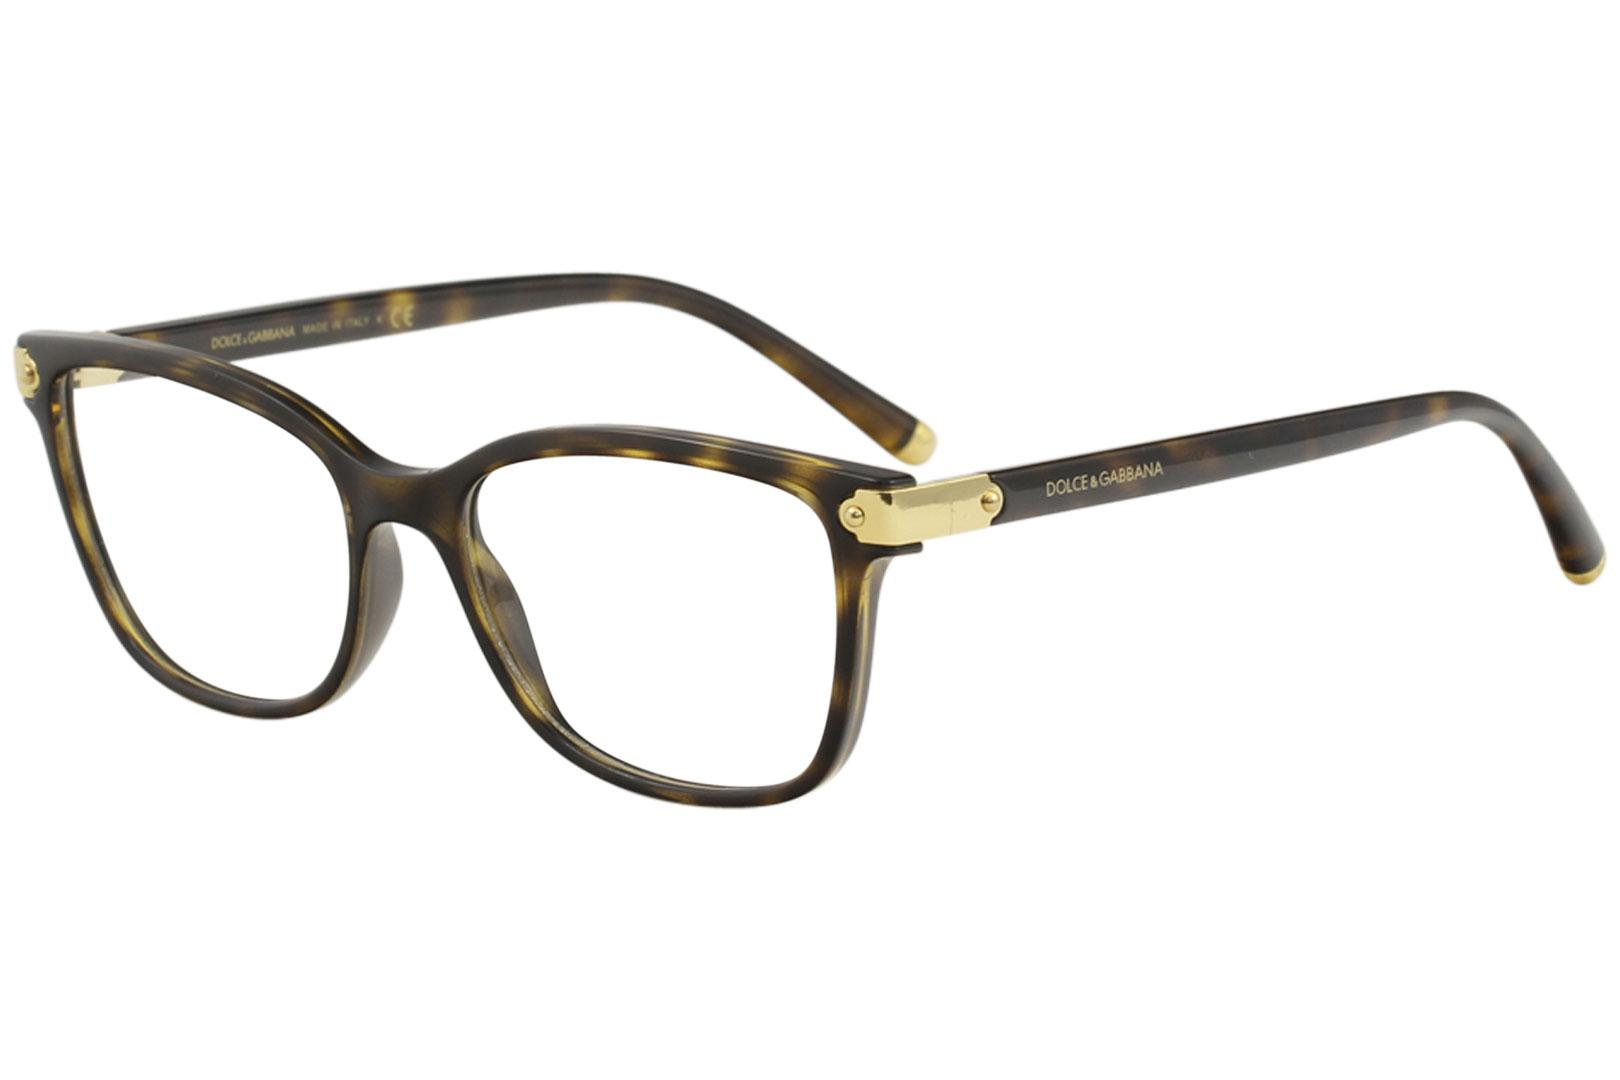 20cb4135ceb6 Dolce & Gabbana Source · Dolce & Gabbana Women s Eyeglasses D&G DG5036 DG  5036 Full